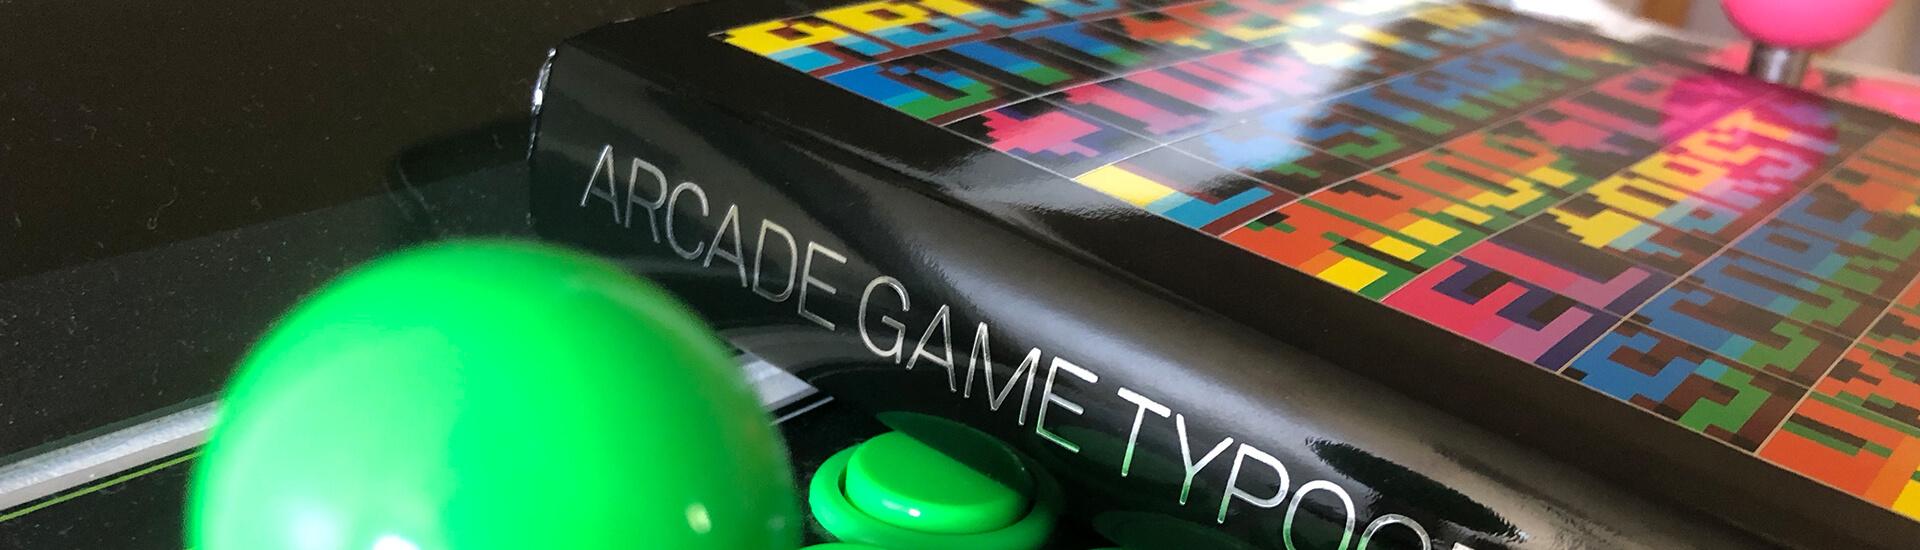 les-apprentis-lettreurs-review-livre-arcade-game-typography-couverture